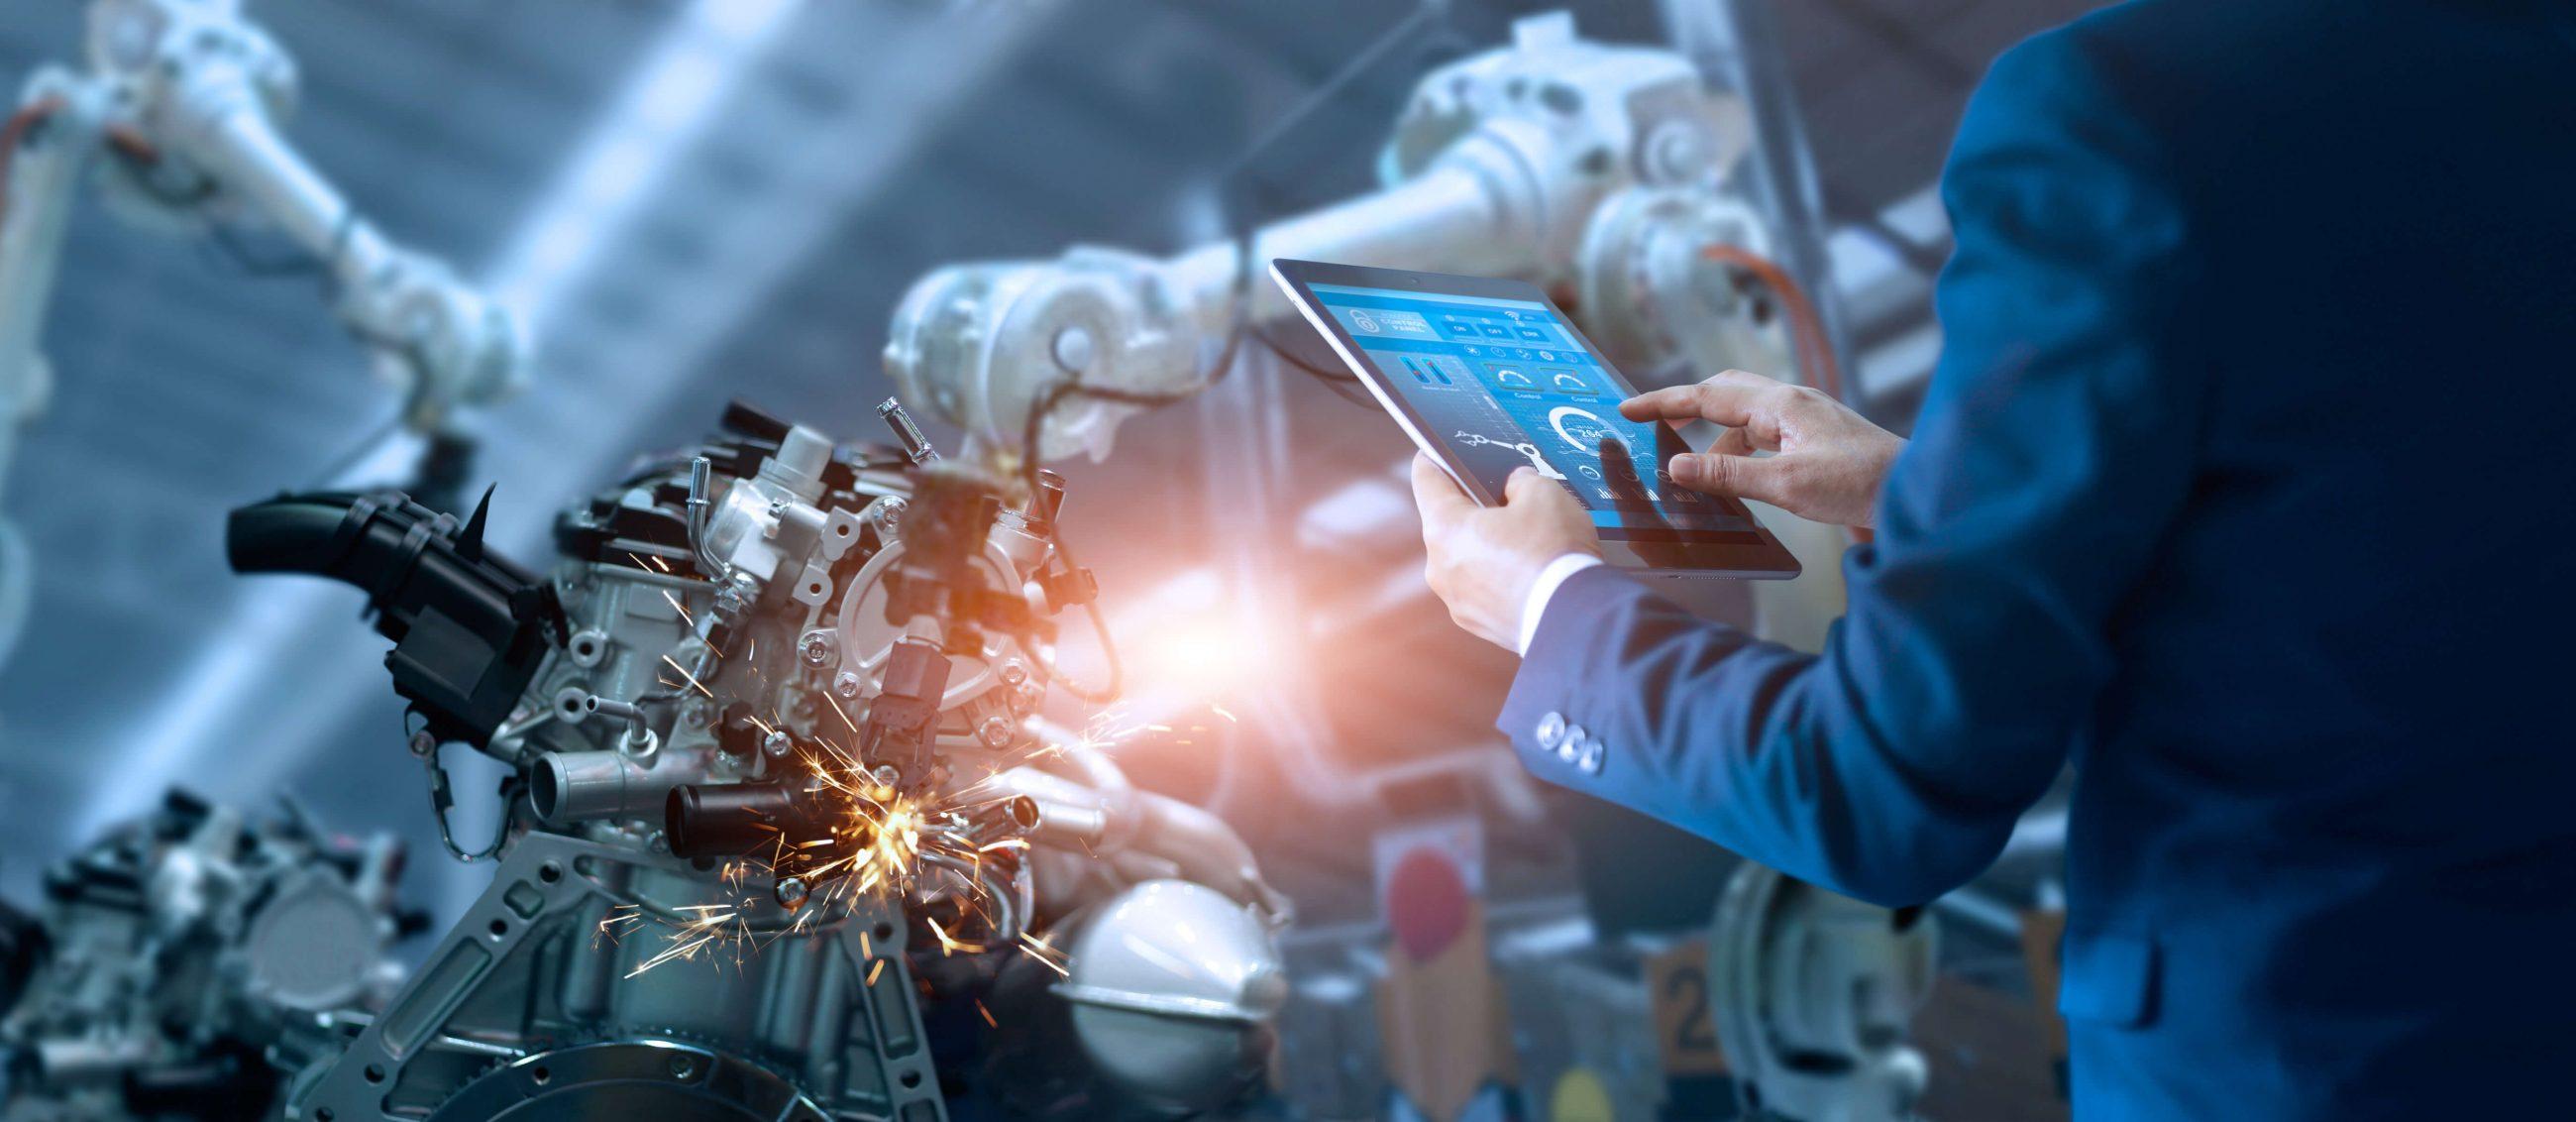 How far can robotics go?